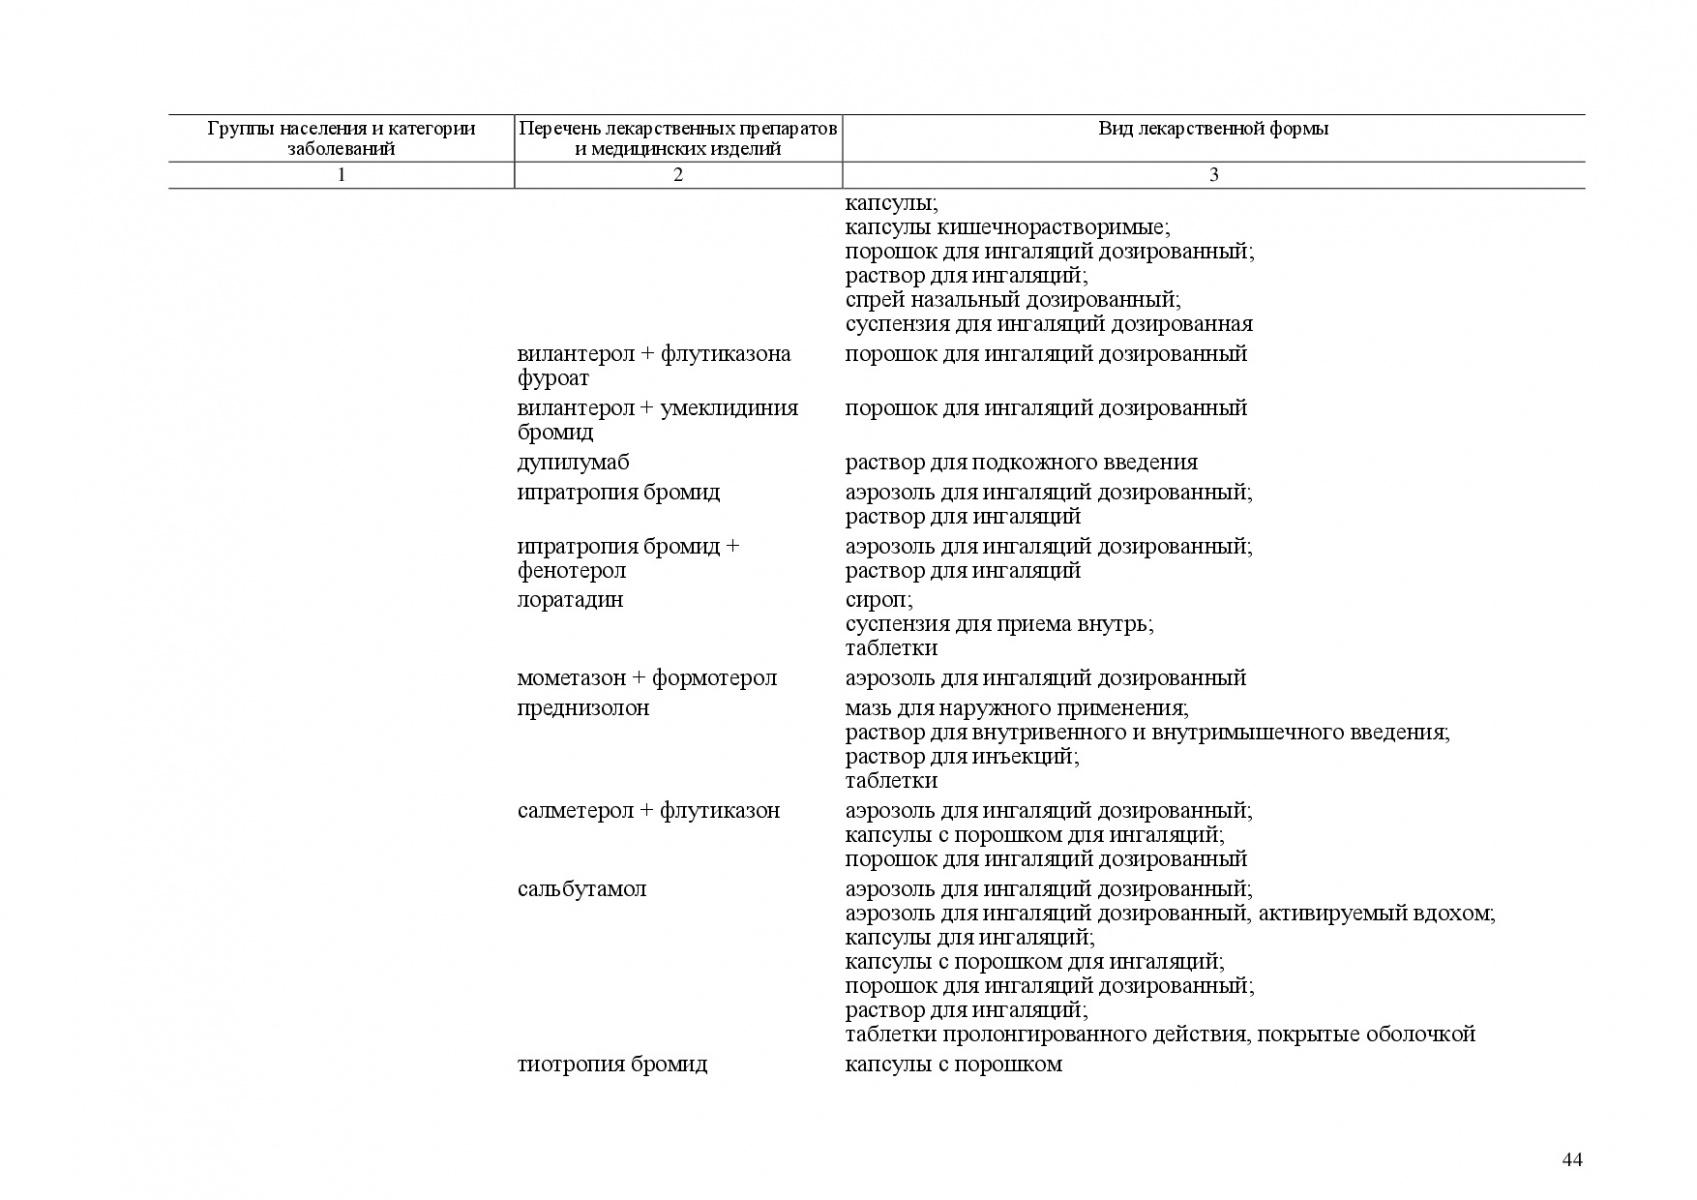 Prilozhenie-6-127-OD-044